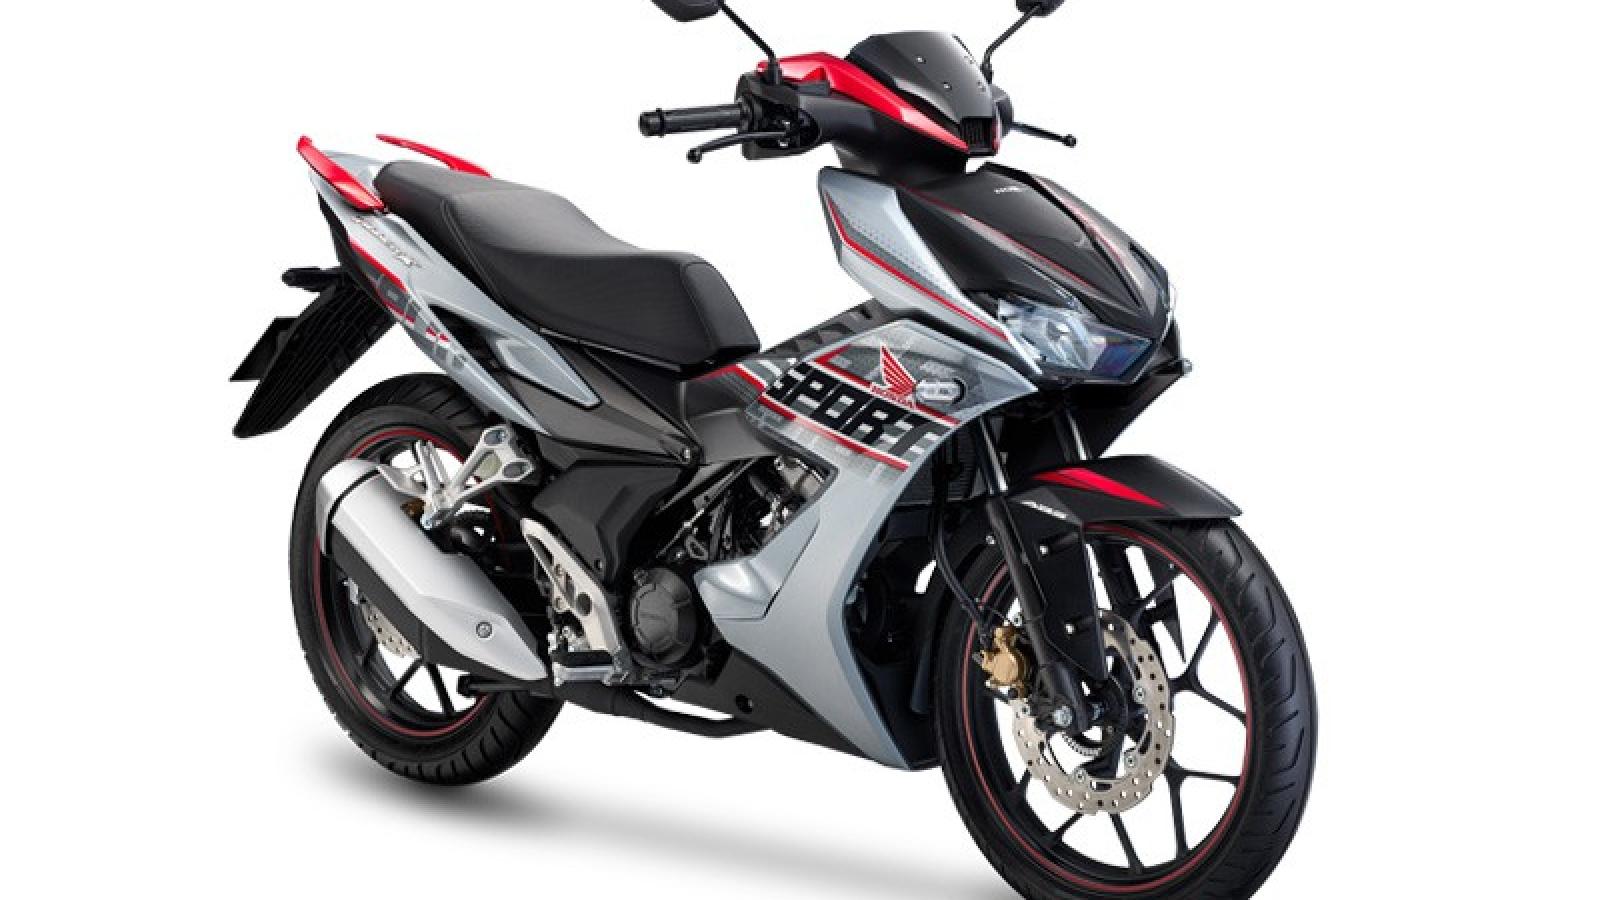 Honda Winner X thêm bản thể thao phanh ABS, giá 48,99 triệu đồng